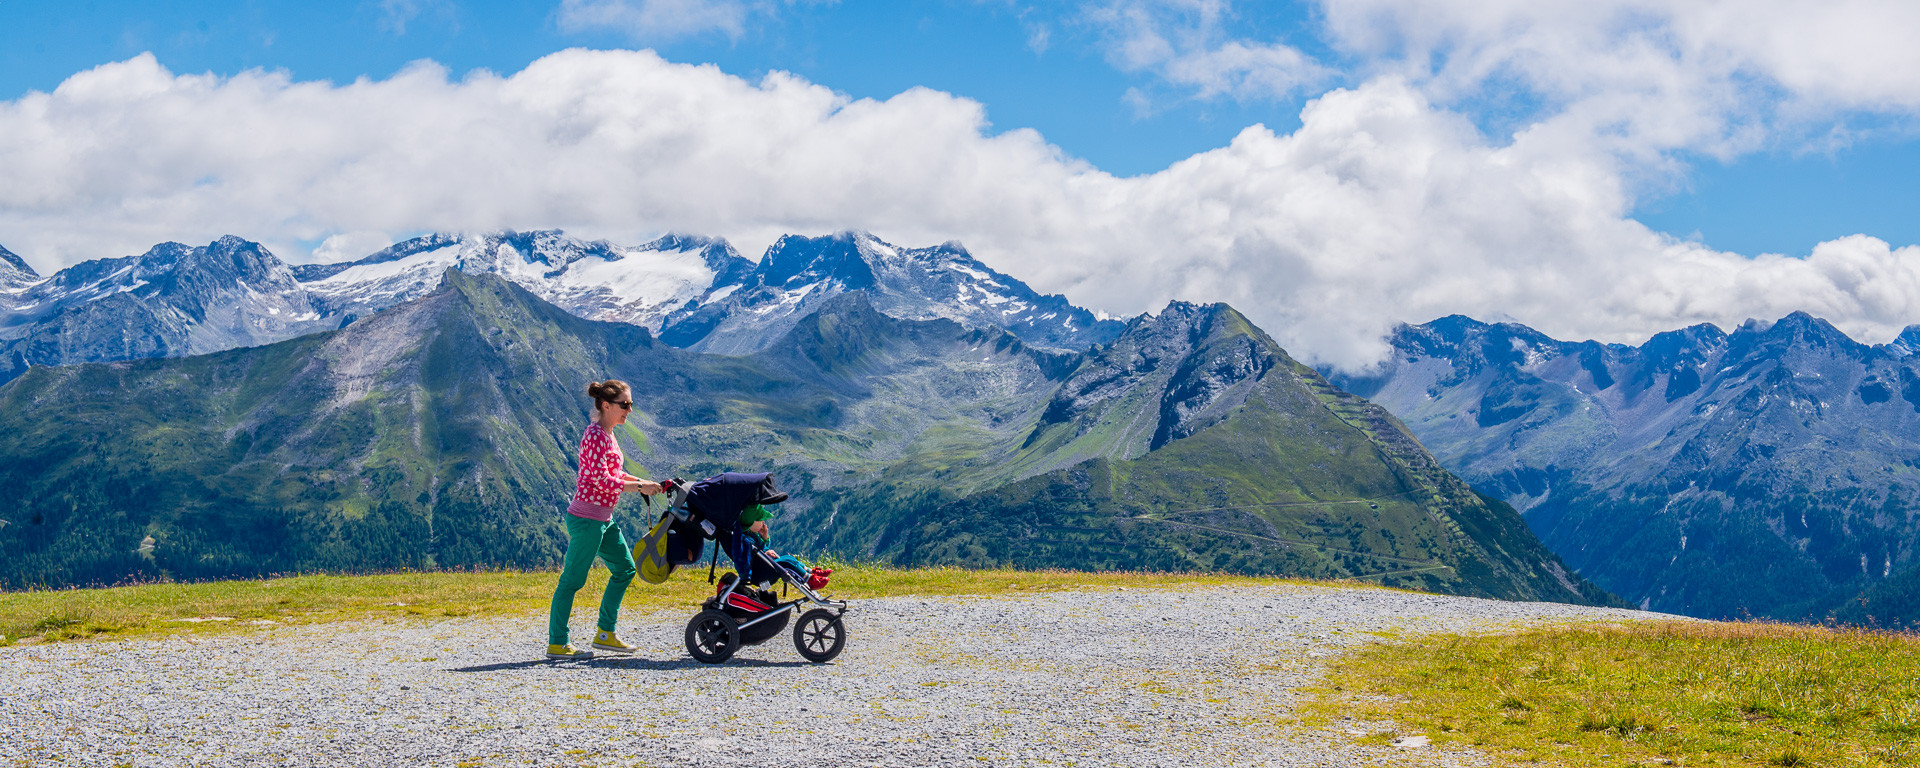 Alpiner Sommer